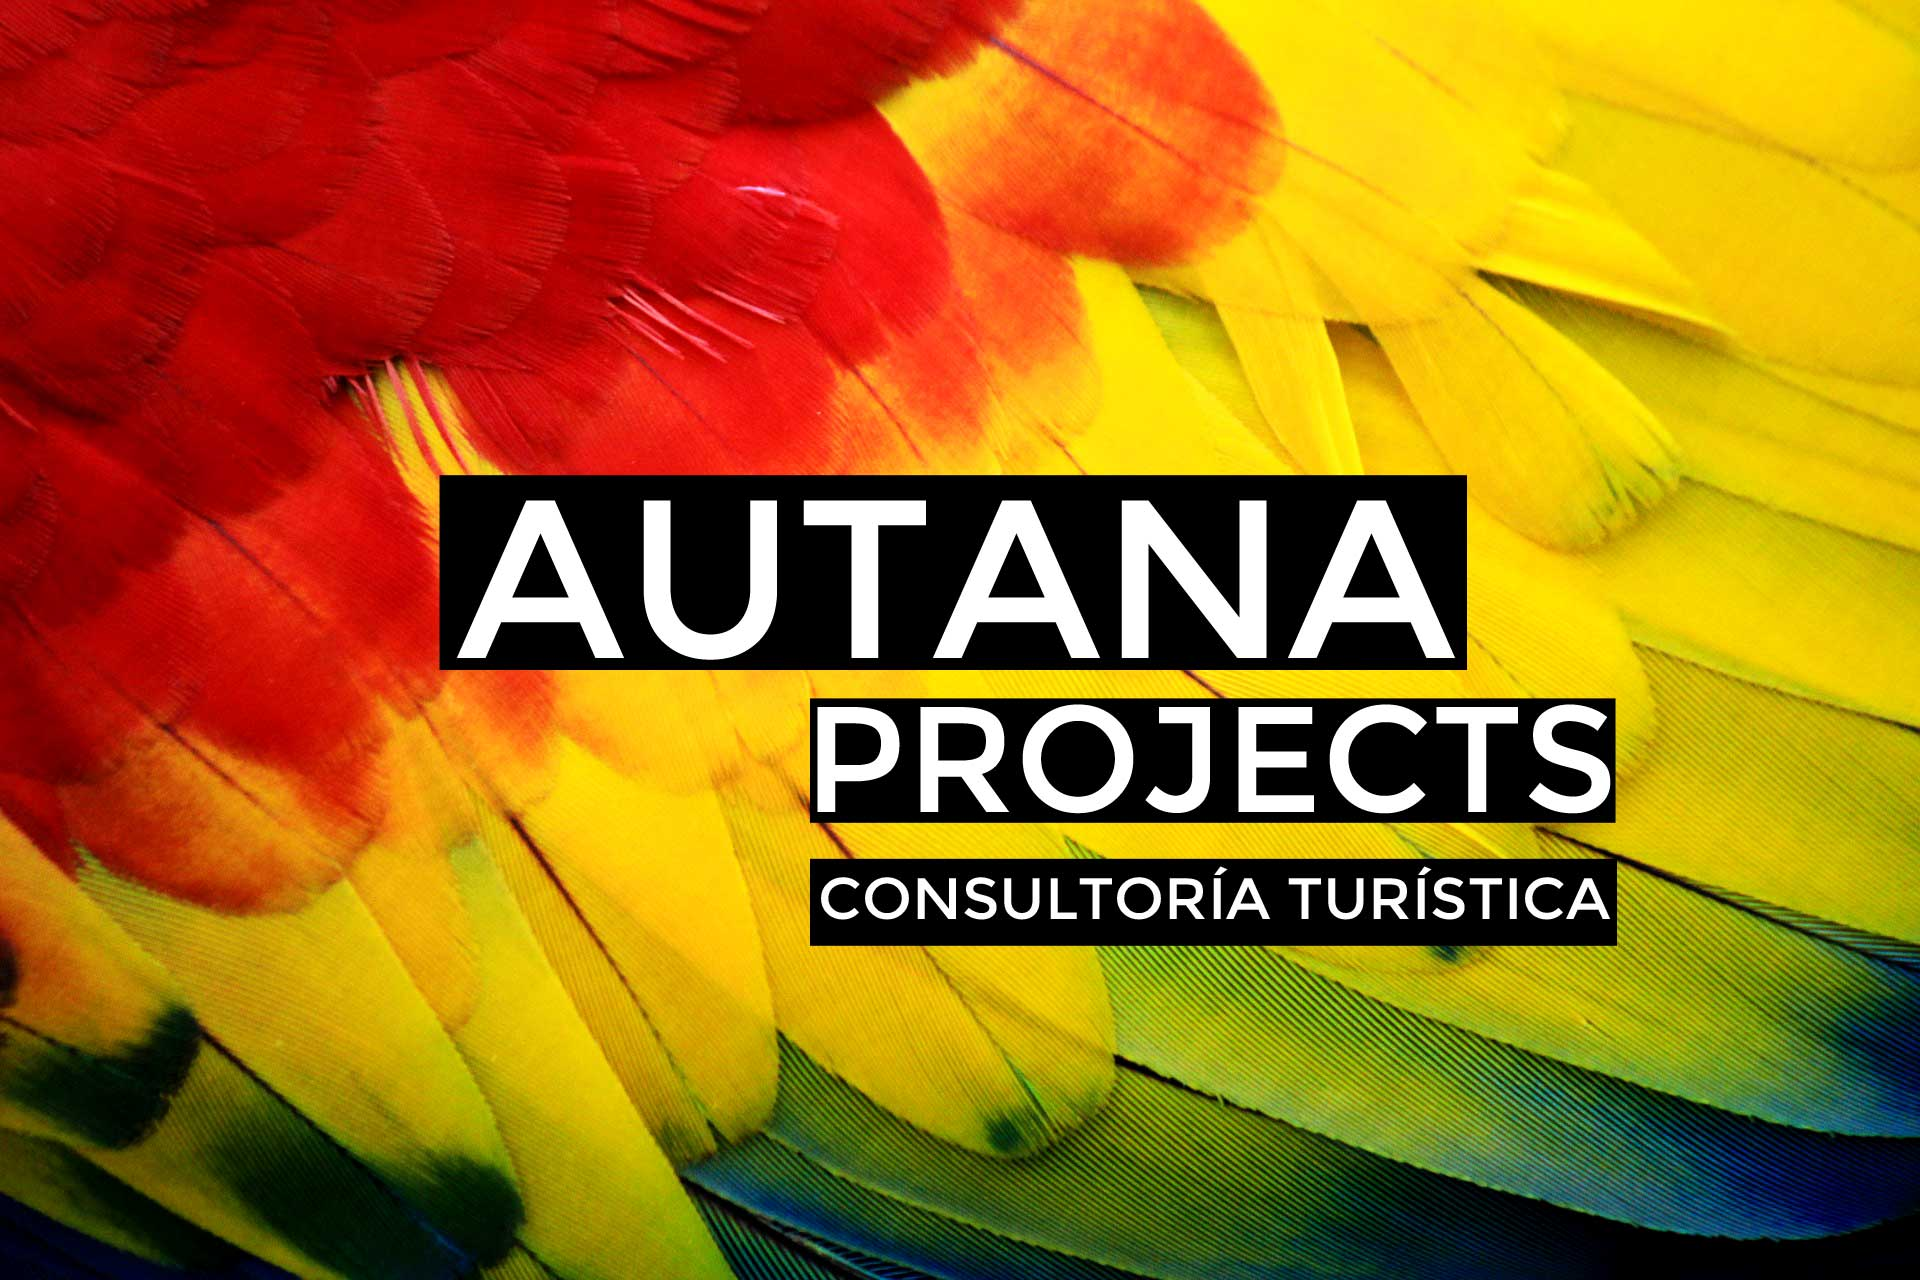 Autana projects Consultora proyectos turísticos